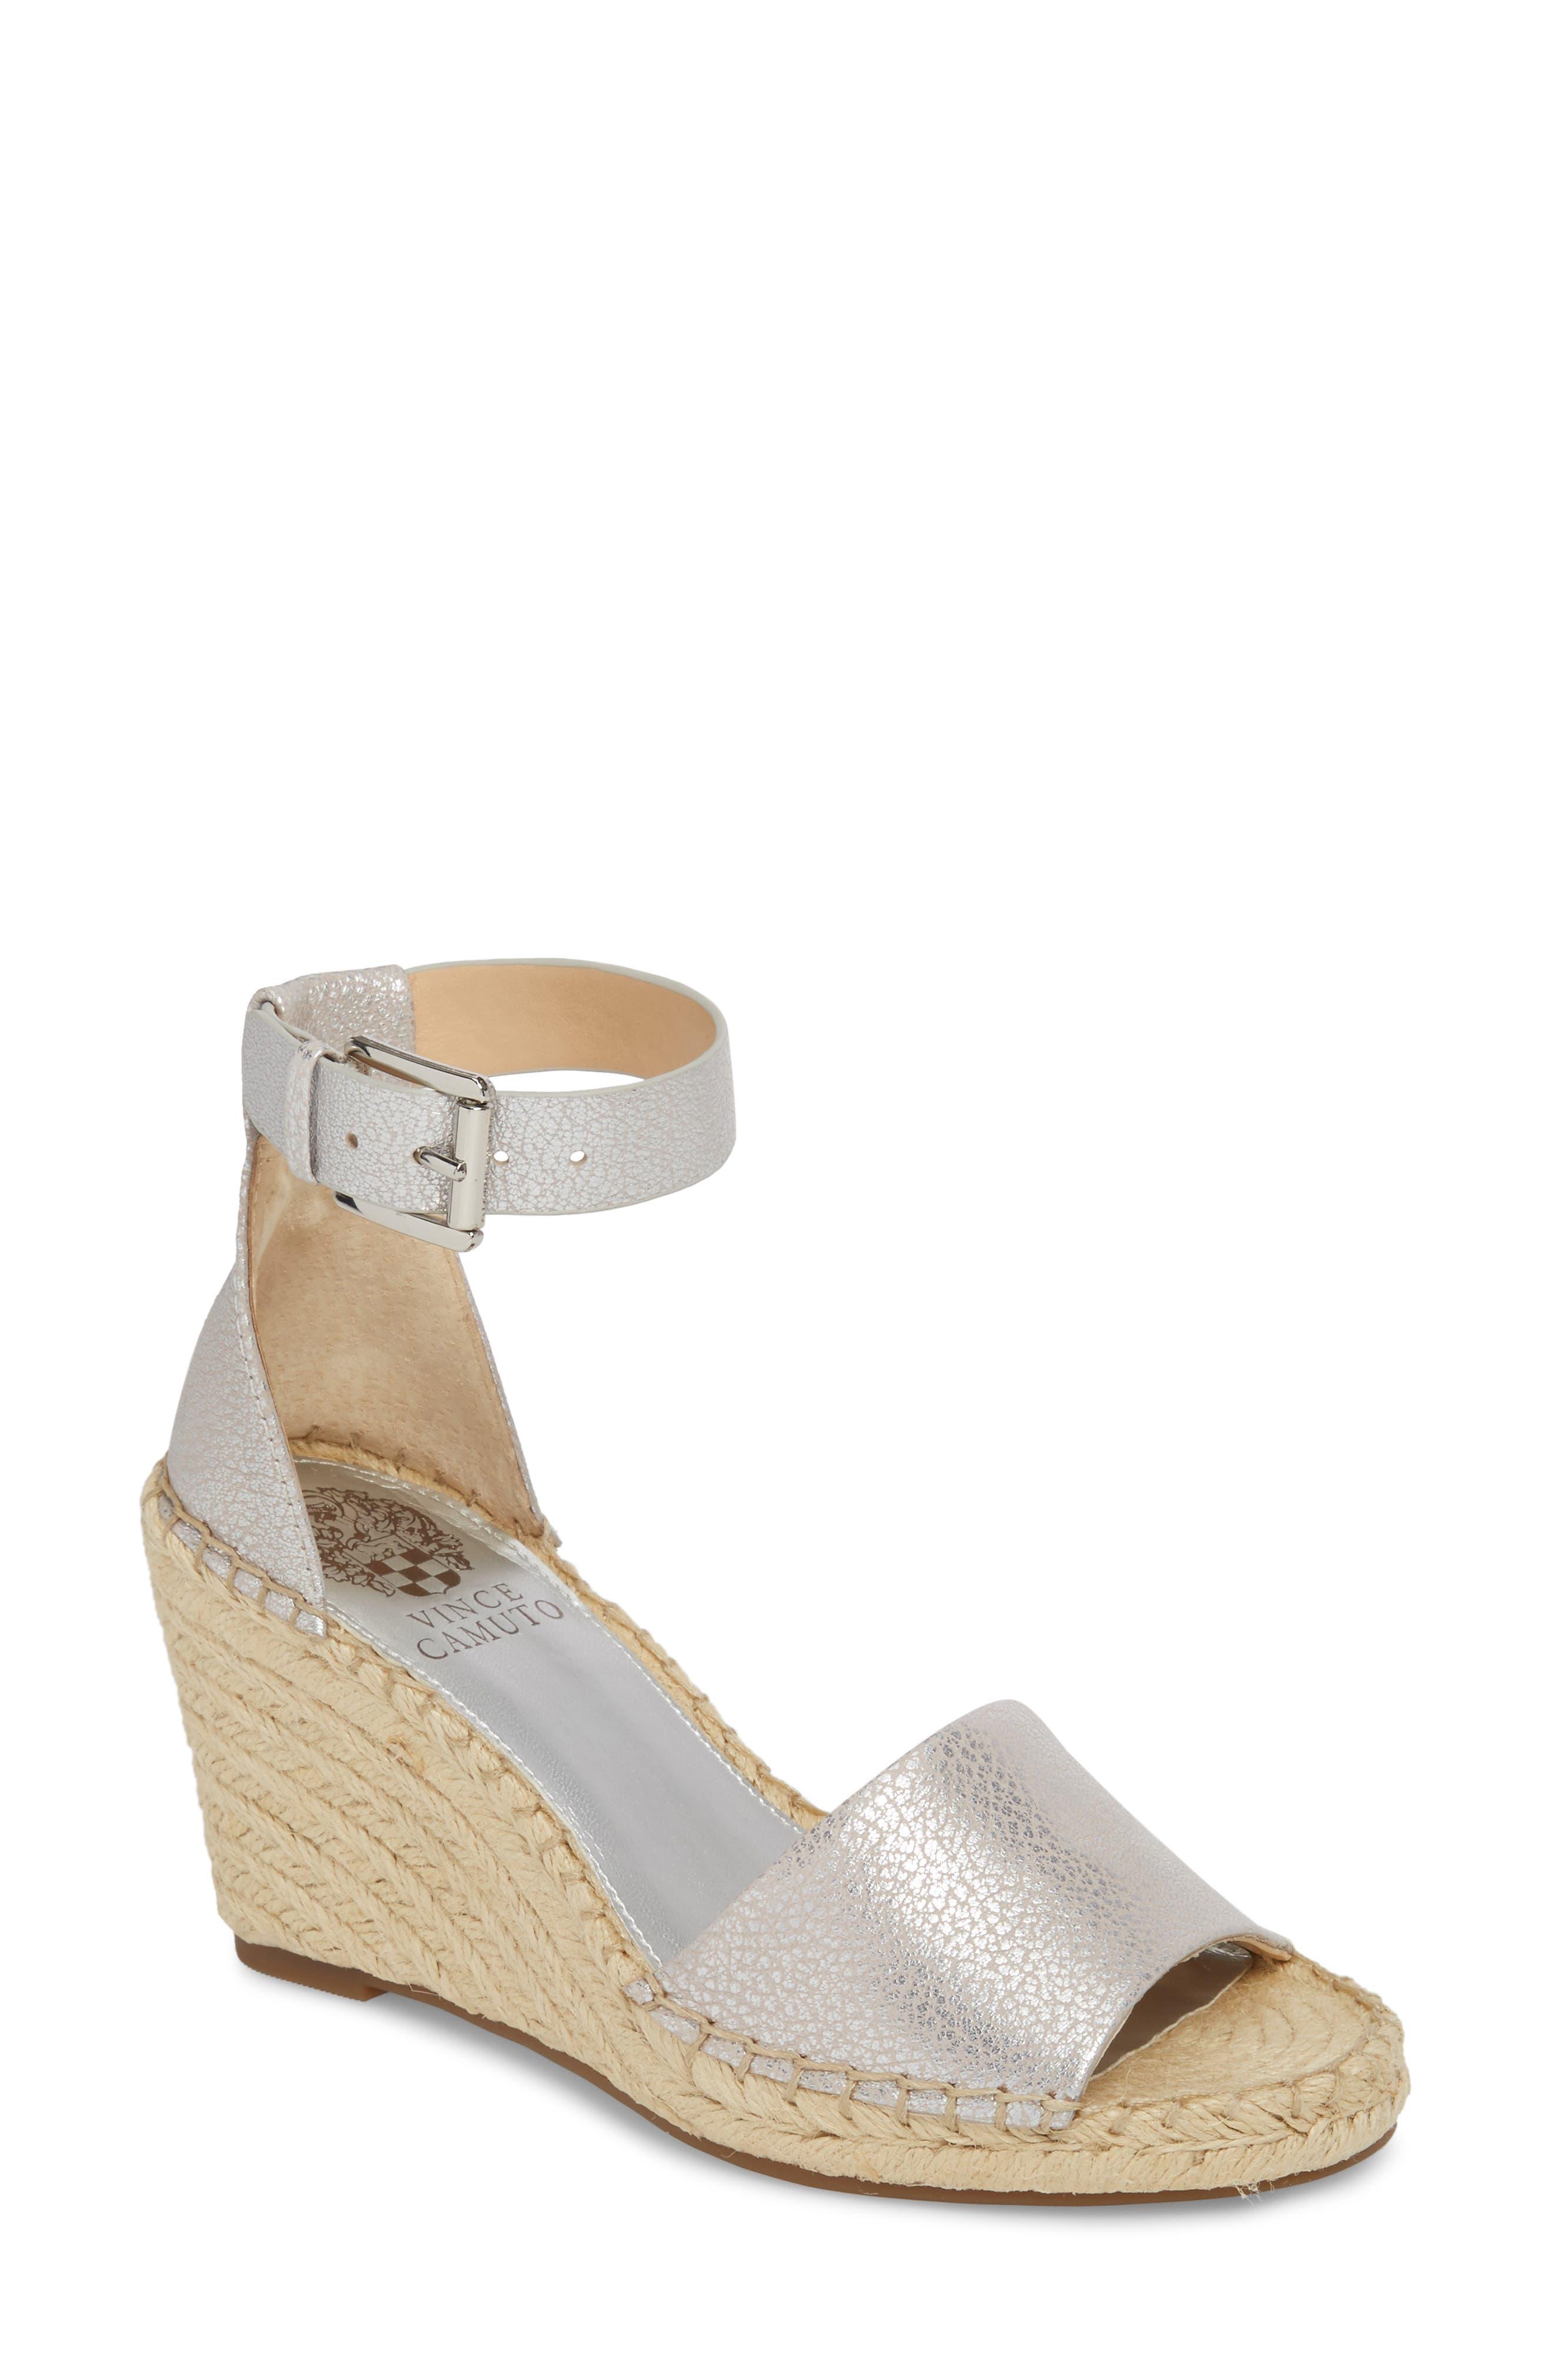 Leera Wedge Sandal,                         Main,                         color, METAL SILVER